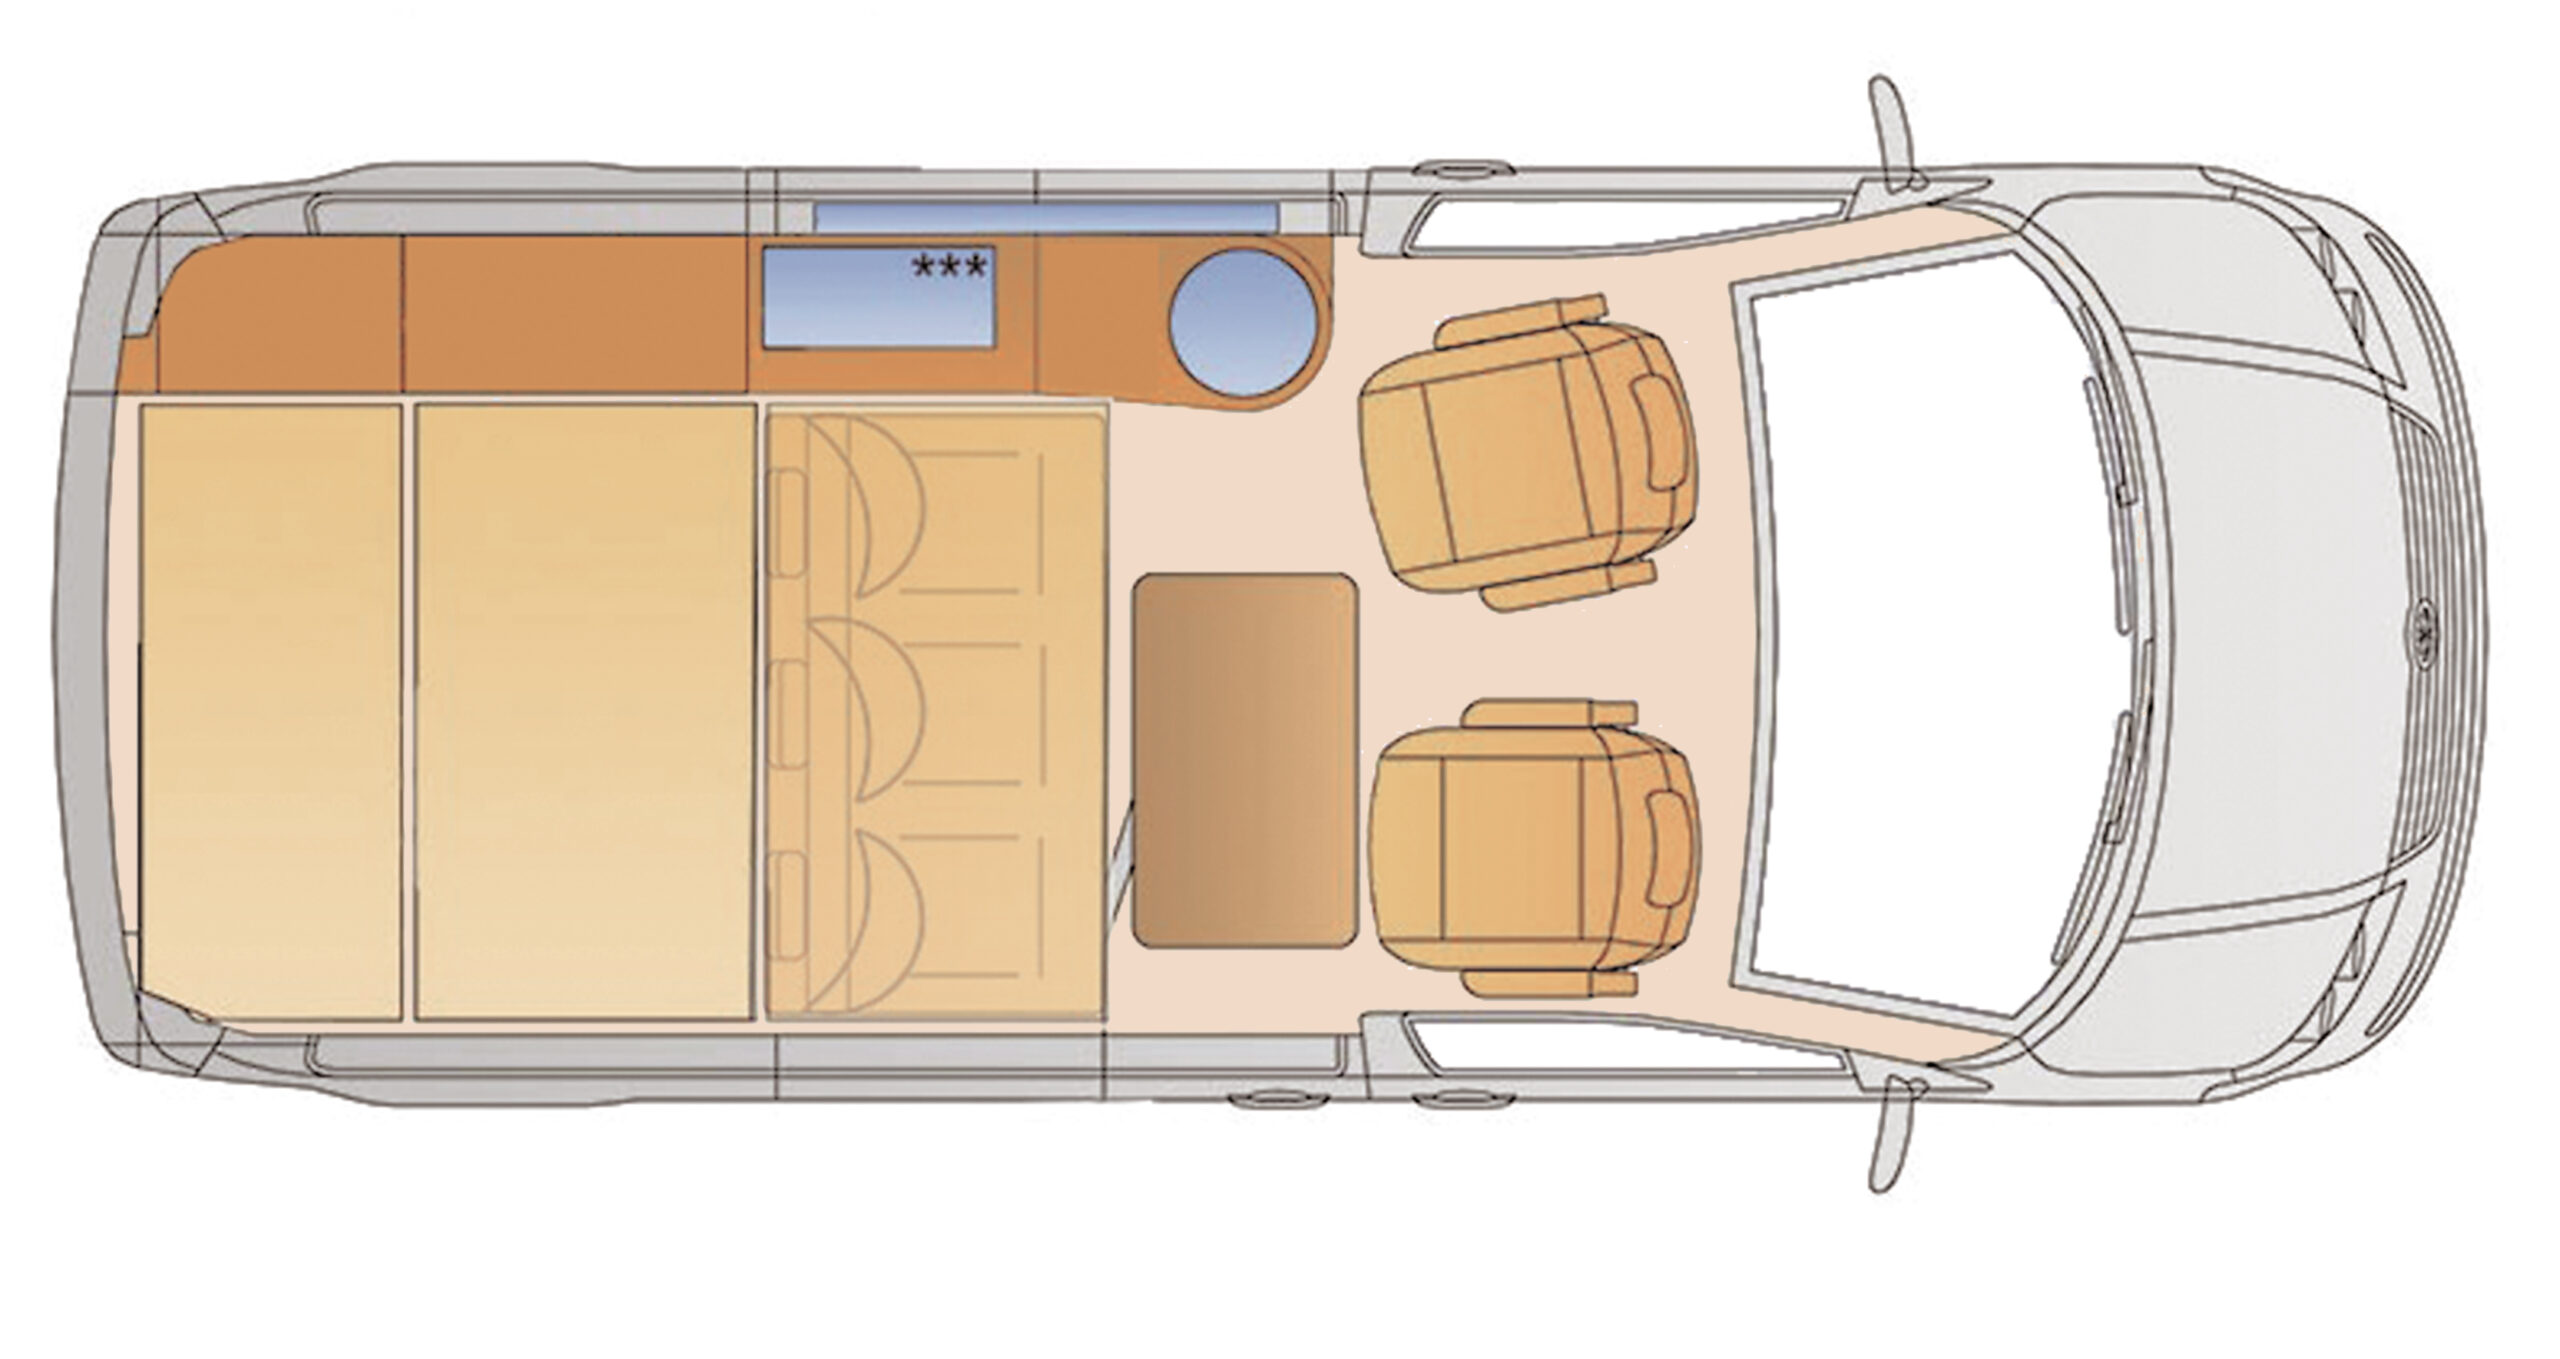 VW T6 Köhler mit Hubausstelldach